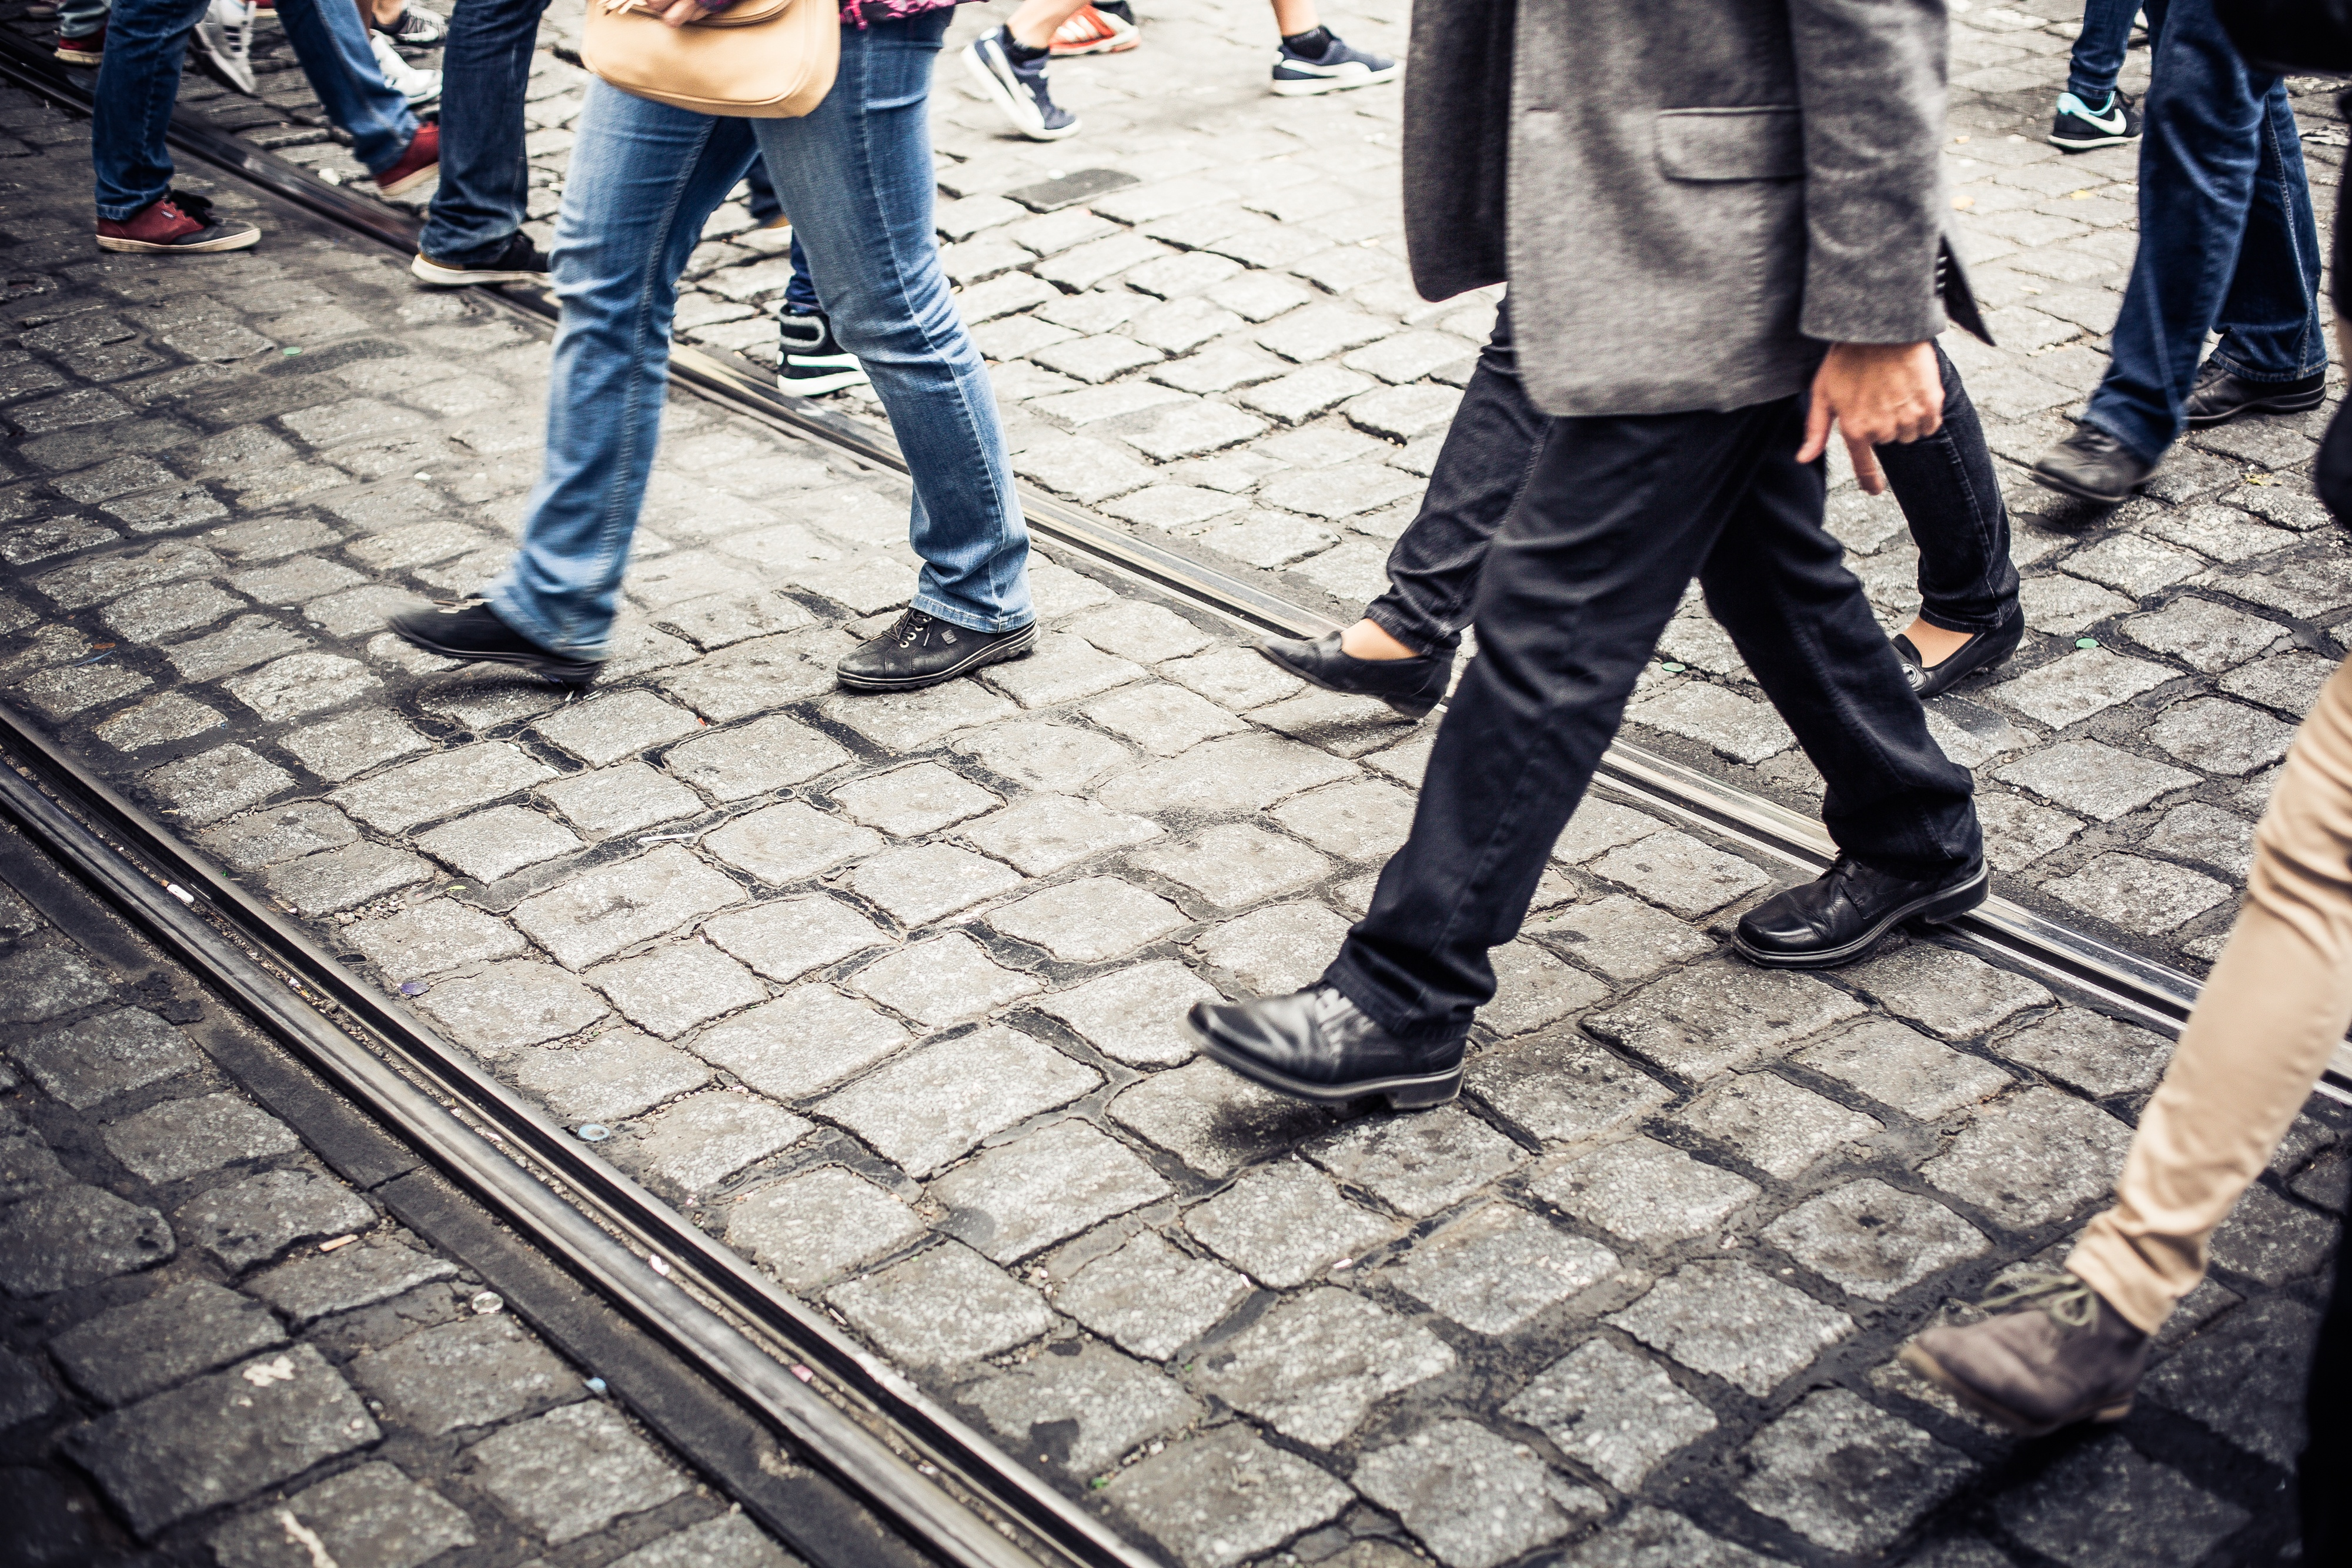 Crowd_of_People_Crossing_an_Old_Prague_Road.jpg